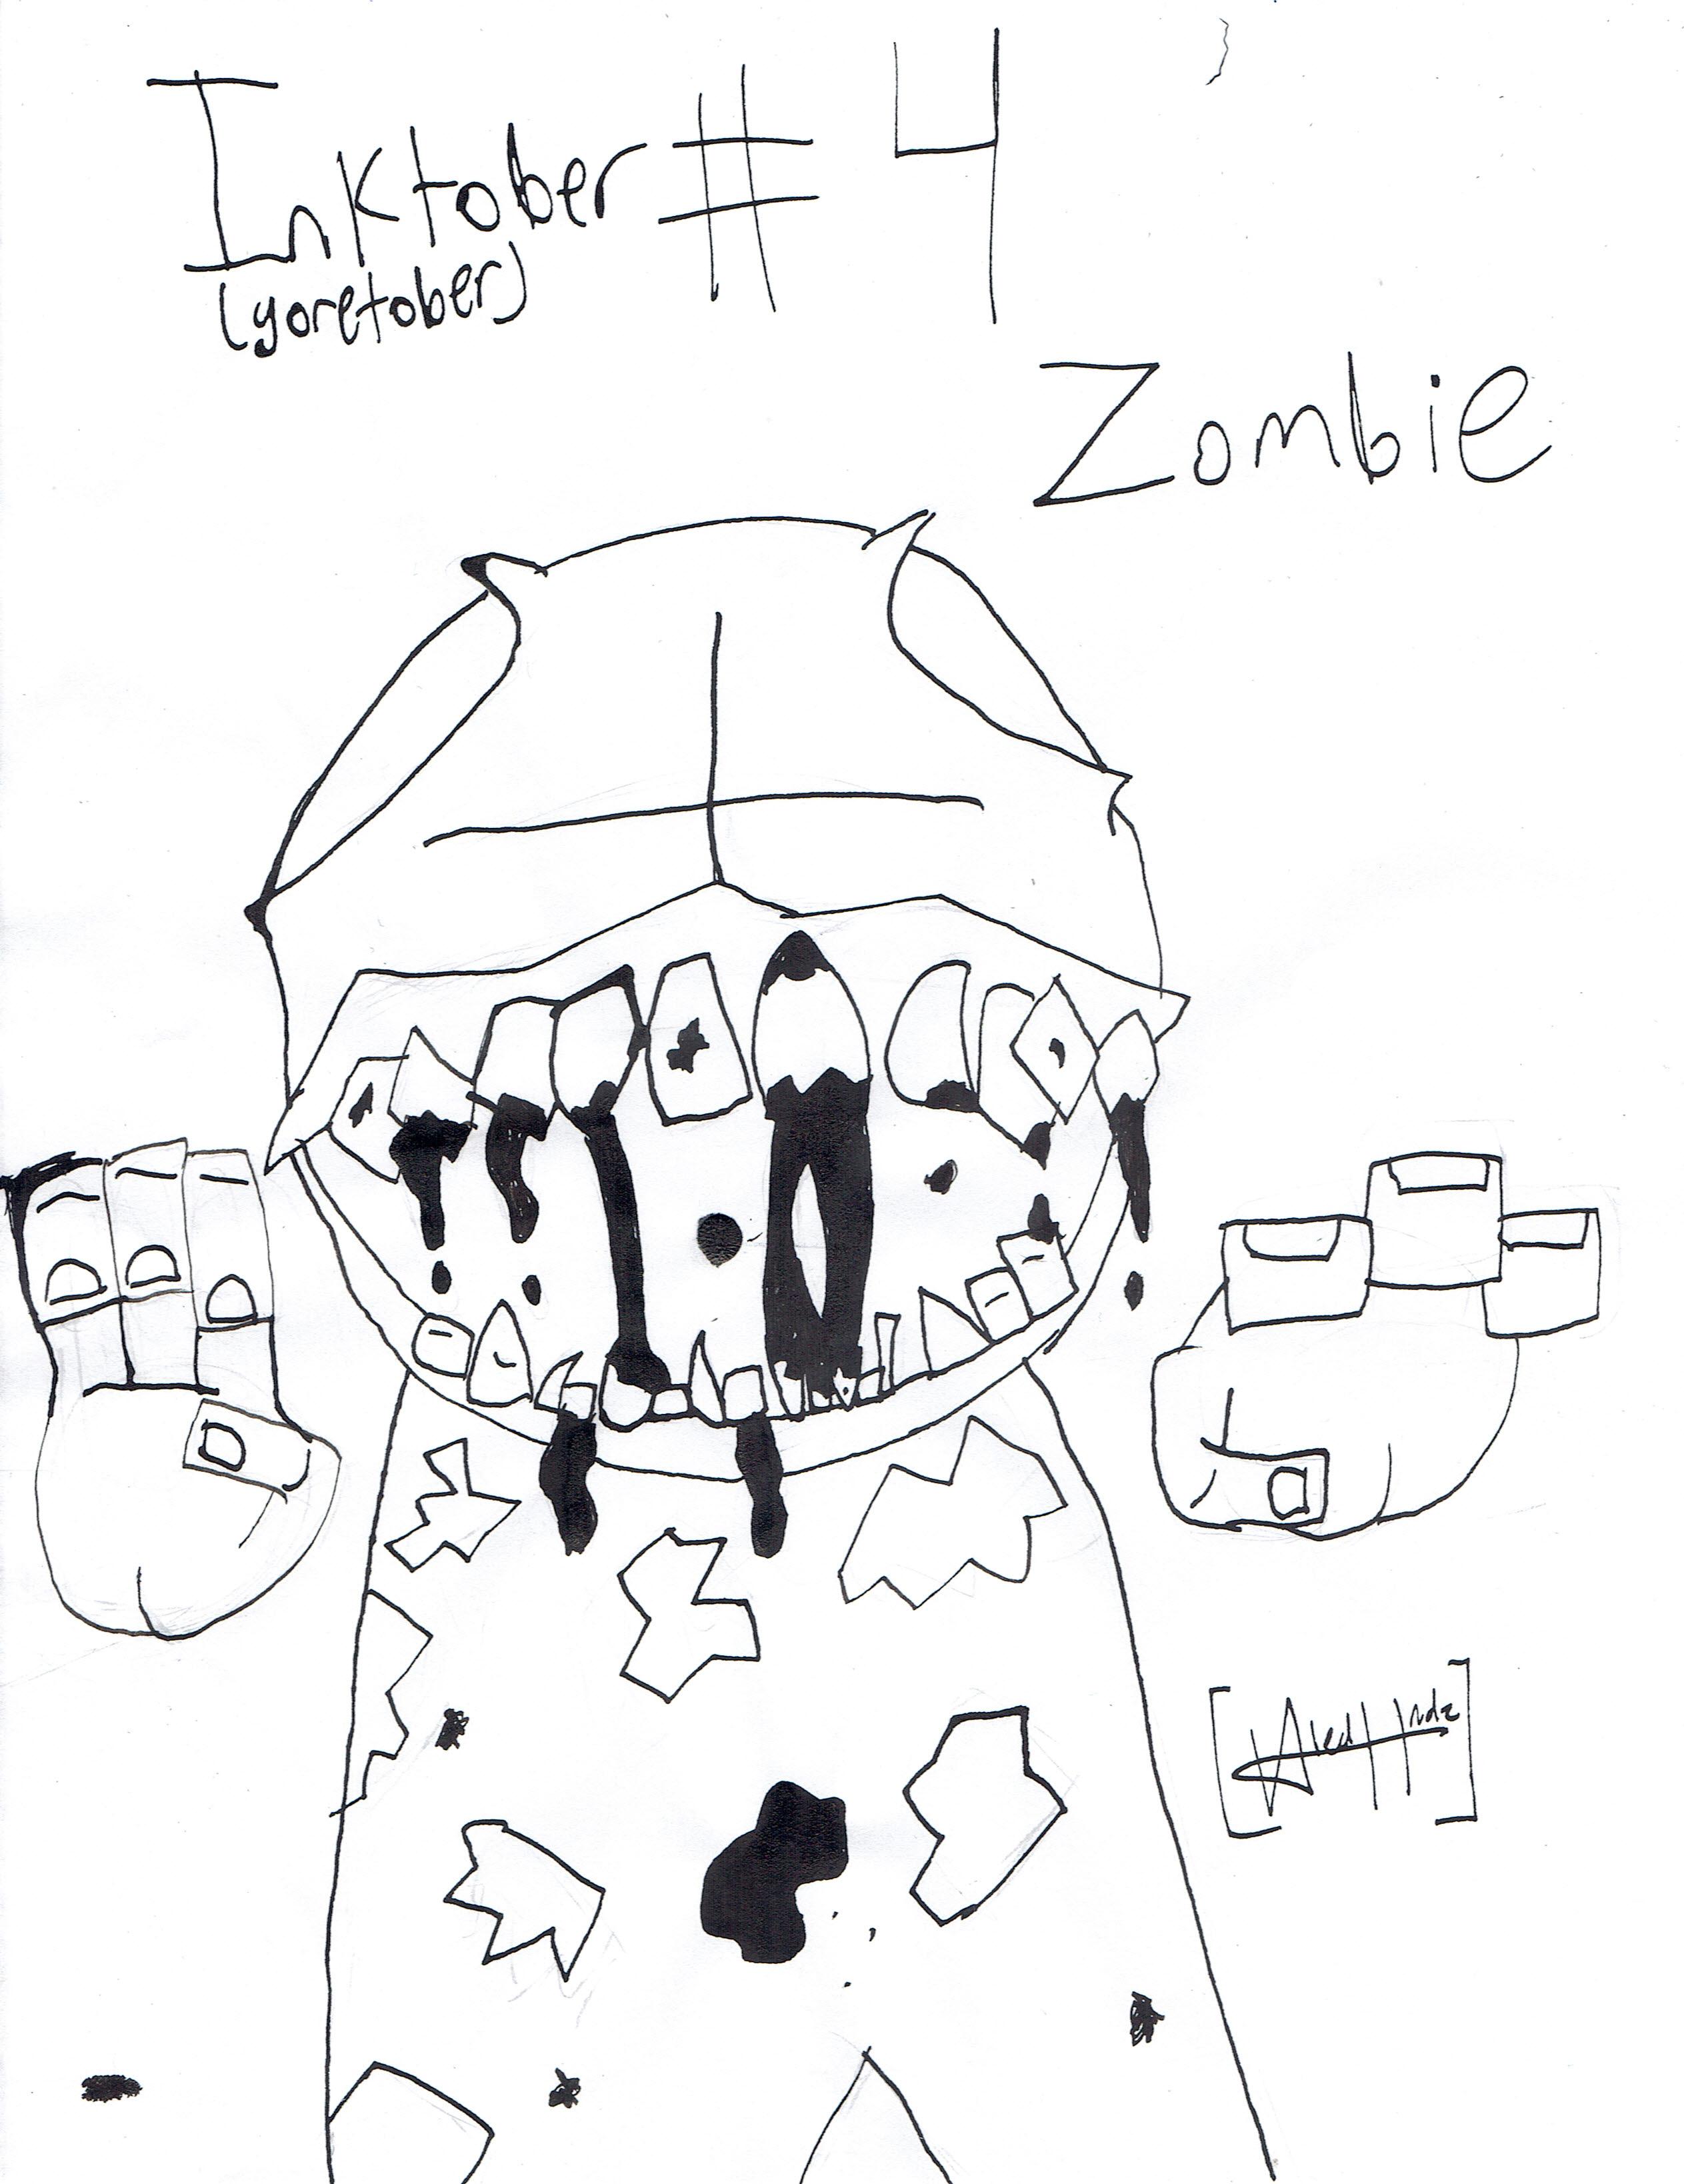 Inktober day 4: Zombie